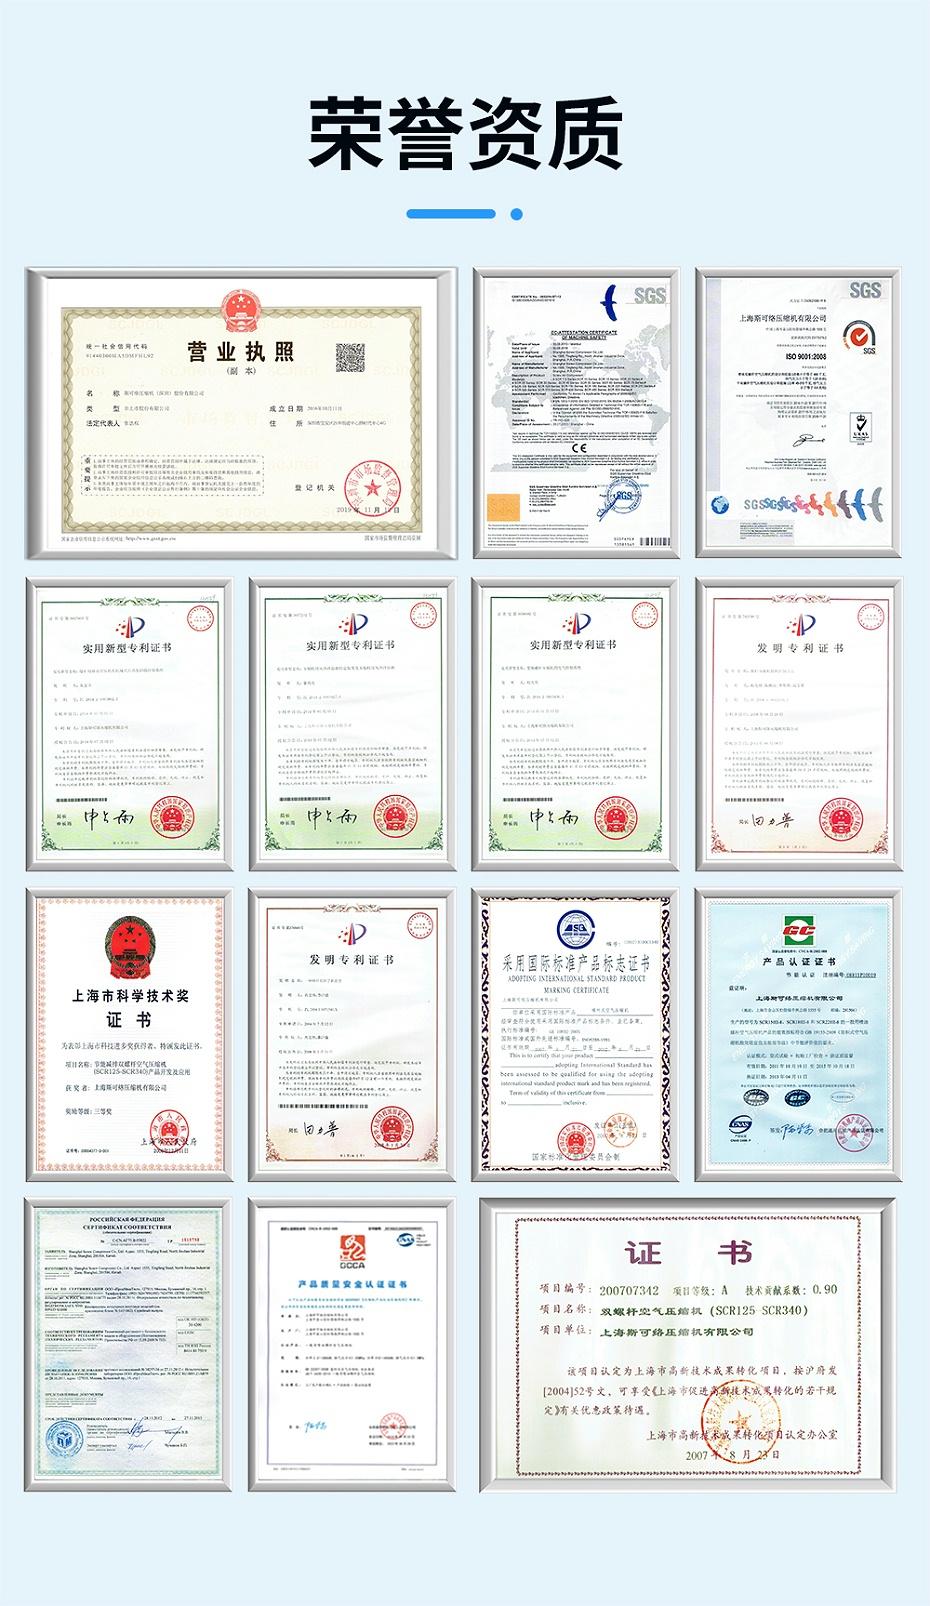 斯可络荣誉资质证书